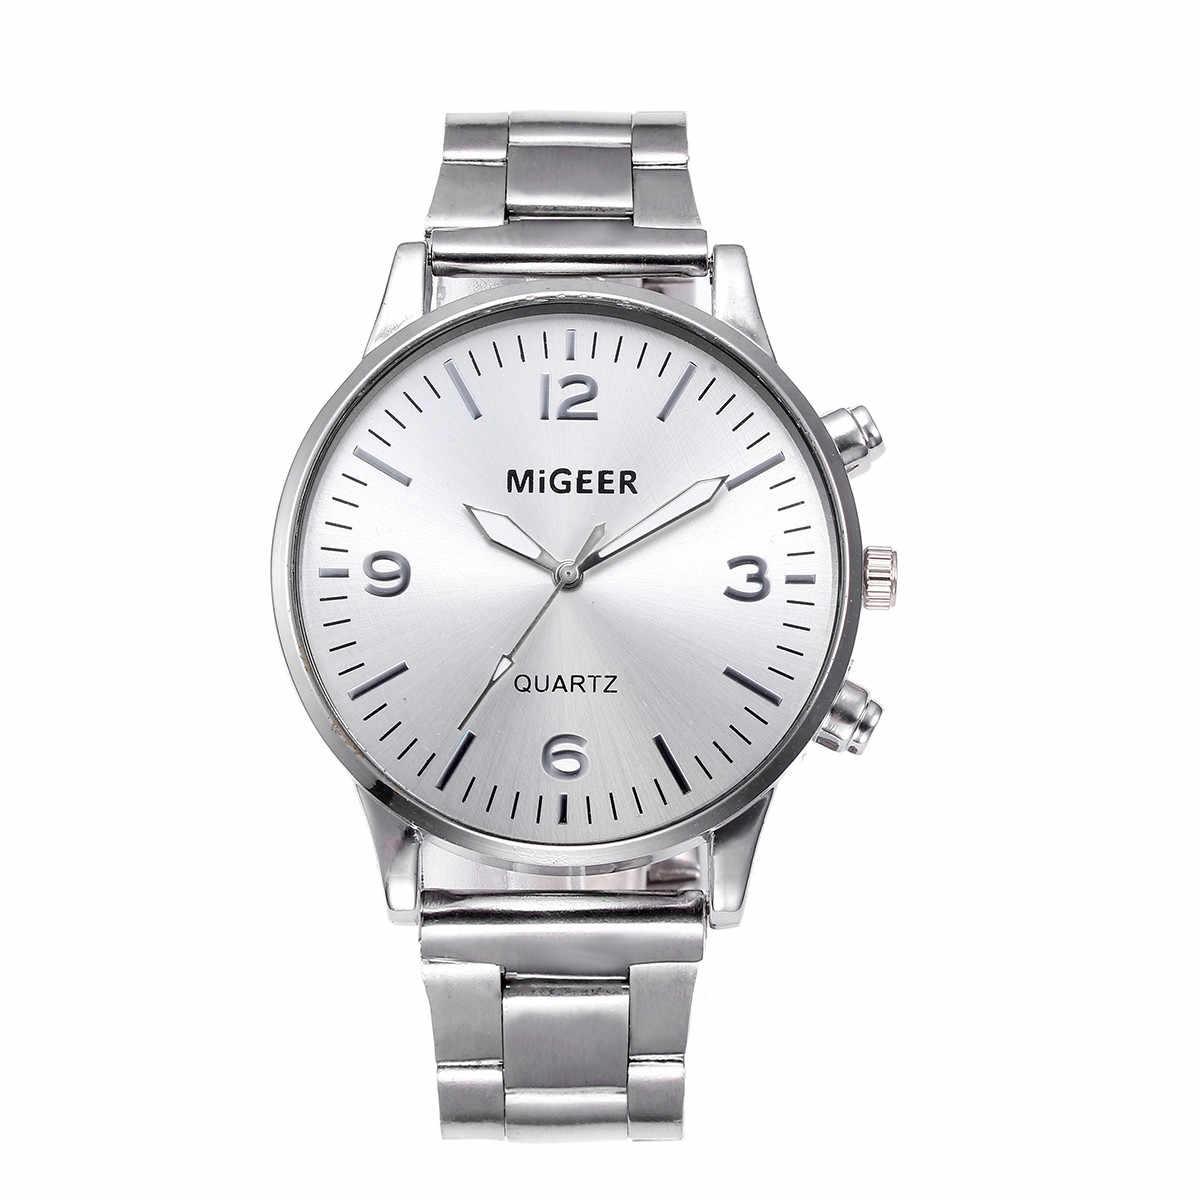 패션 유용한 남성용 쿼츠 손목 시계 reloj hombre marca de lujo lige 시계 reloj de hombre erkek saatleri orologi uomo